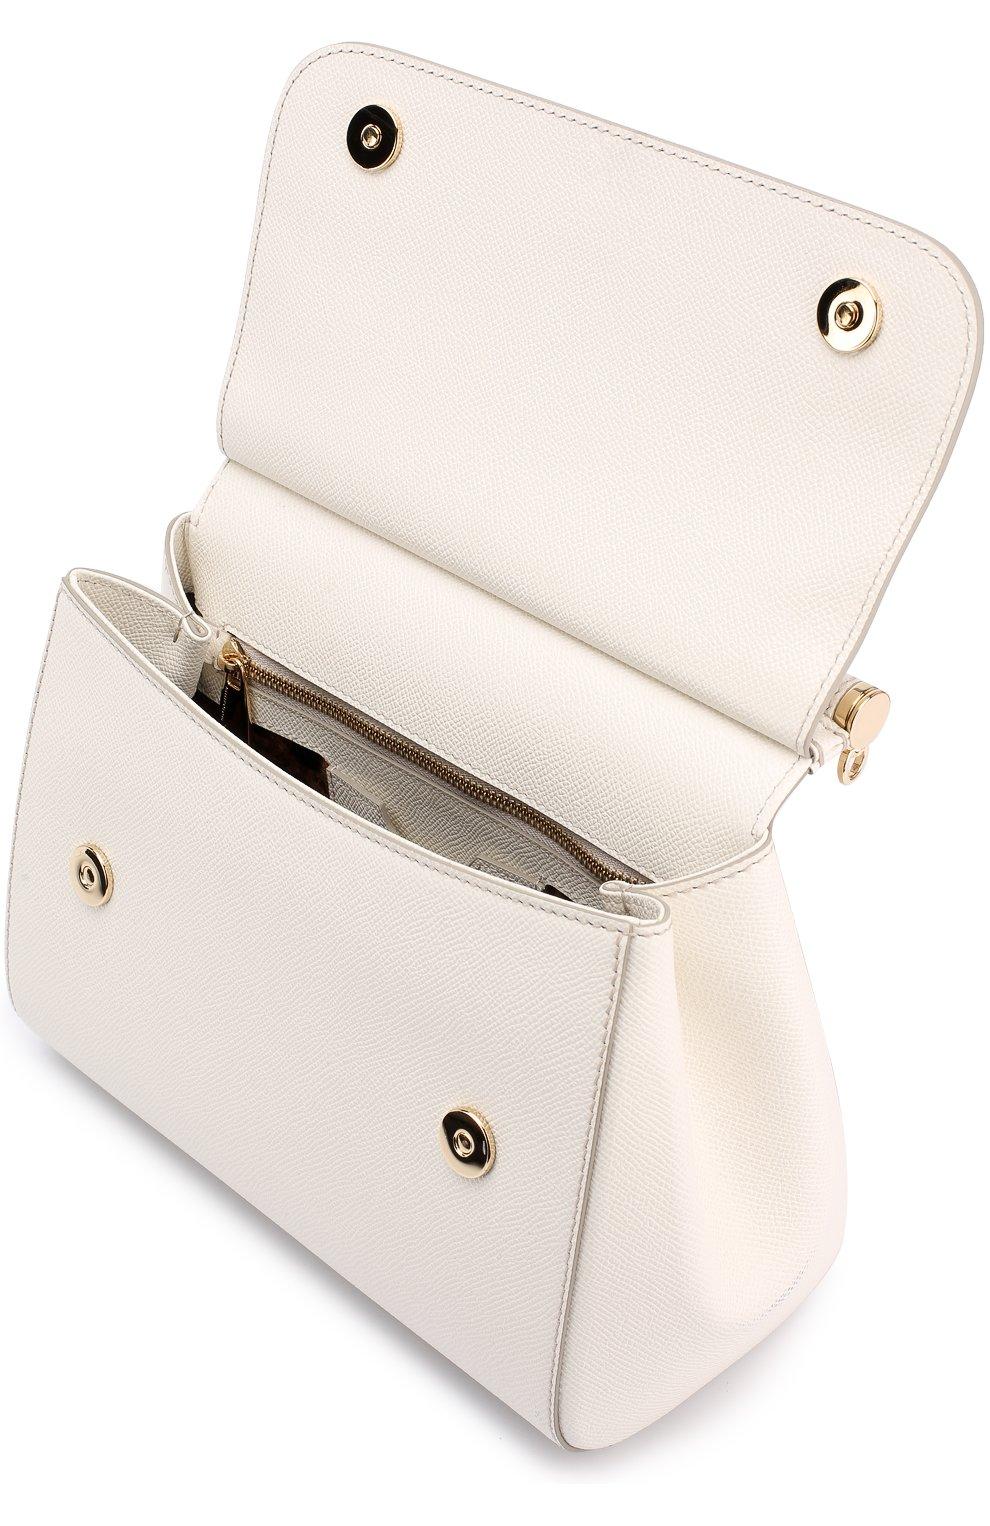 Сумка Sicily medium Dolce & Gabbana белая цвета | Фото №4